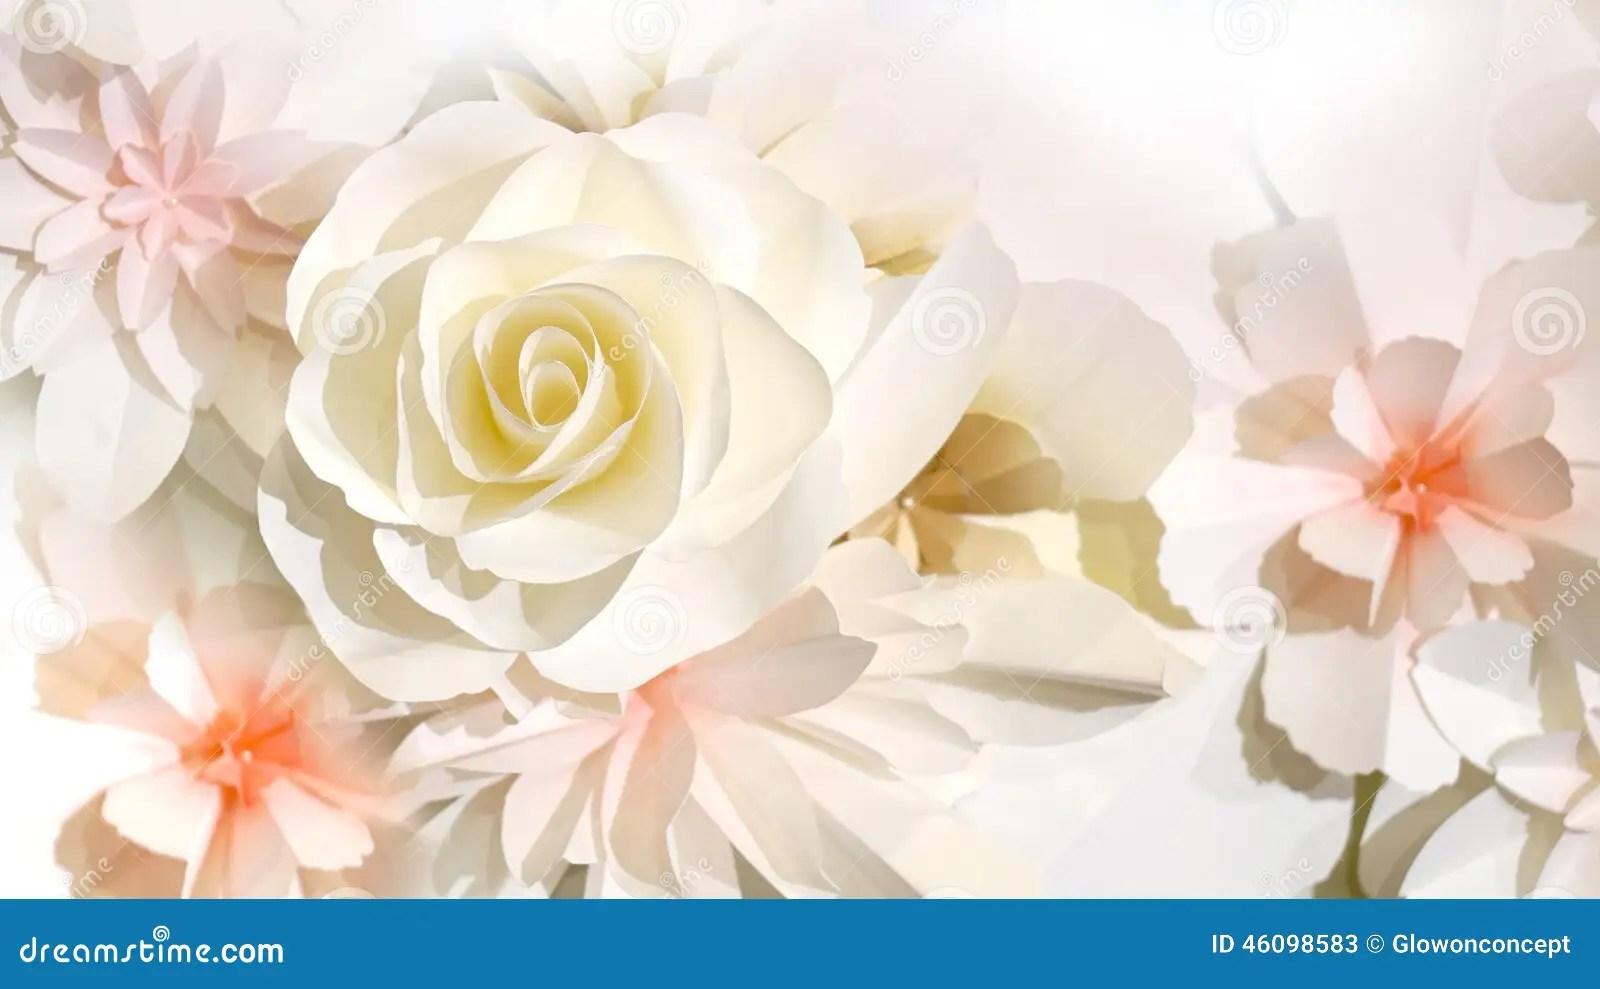 Roses Flower Wedding Background Stock Photo Image 46098583